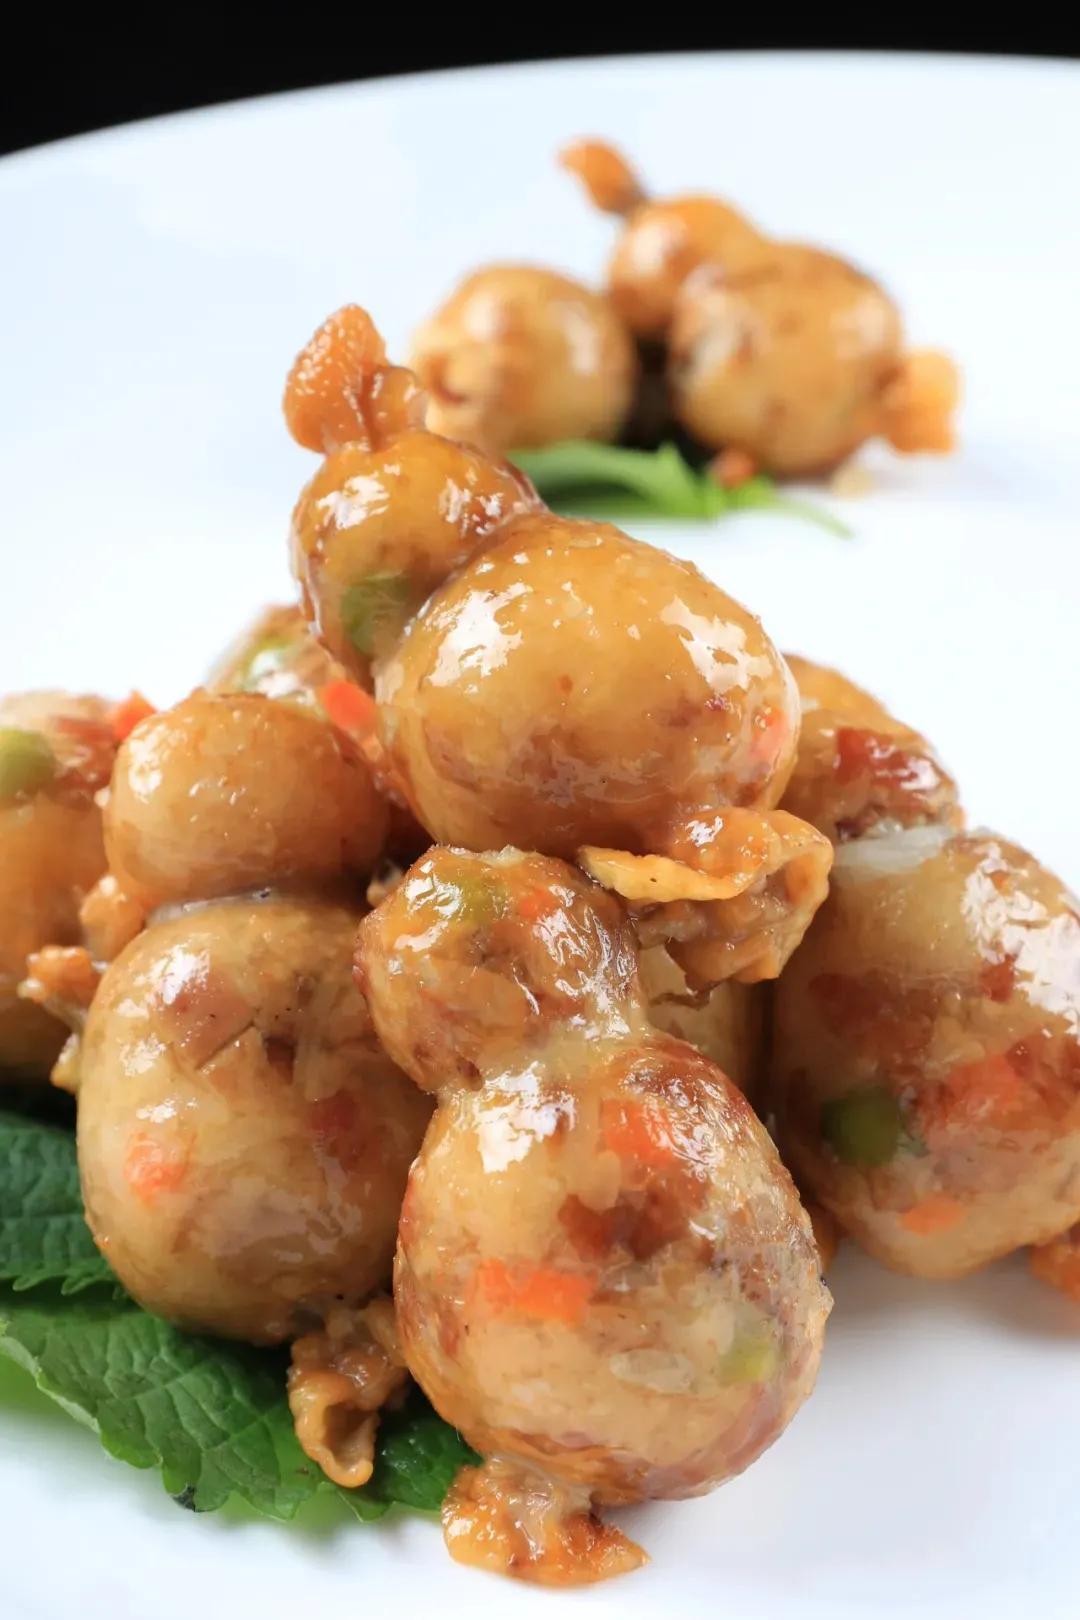 今天介绍8道酒楼最新菜品的详细做法, 美食做法 第5张